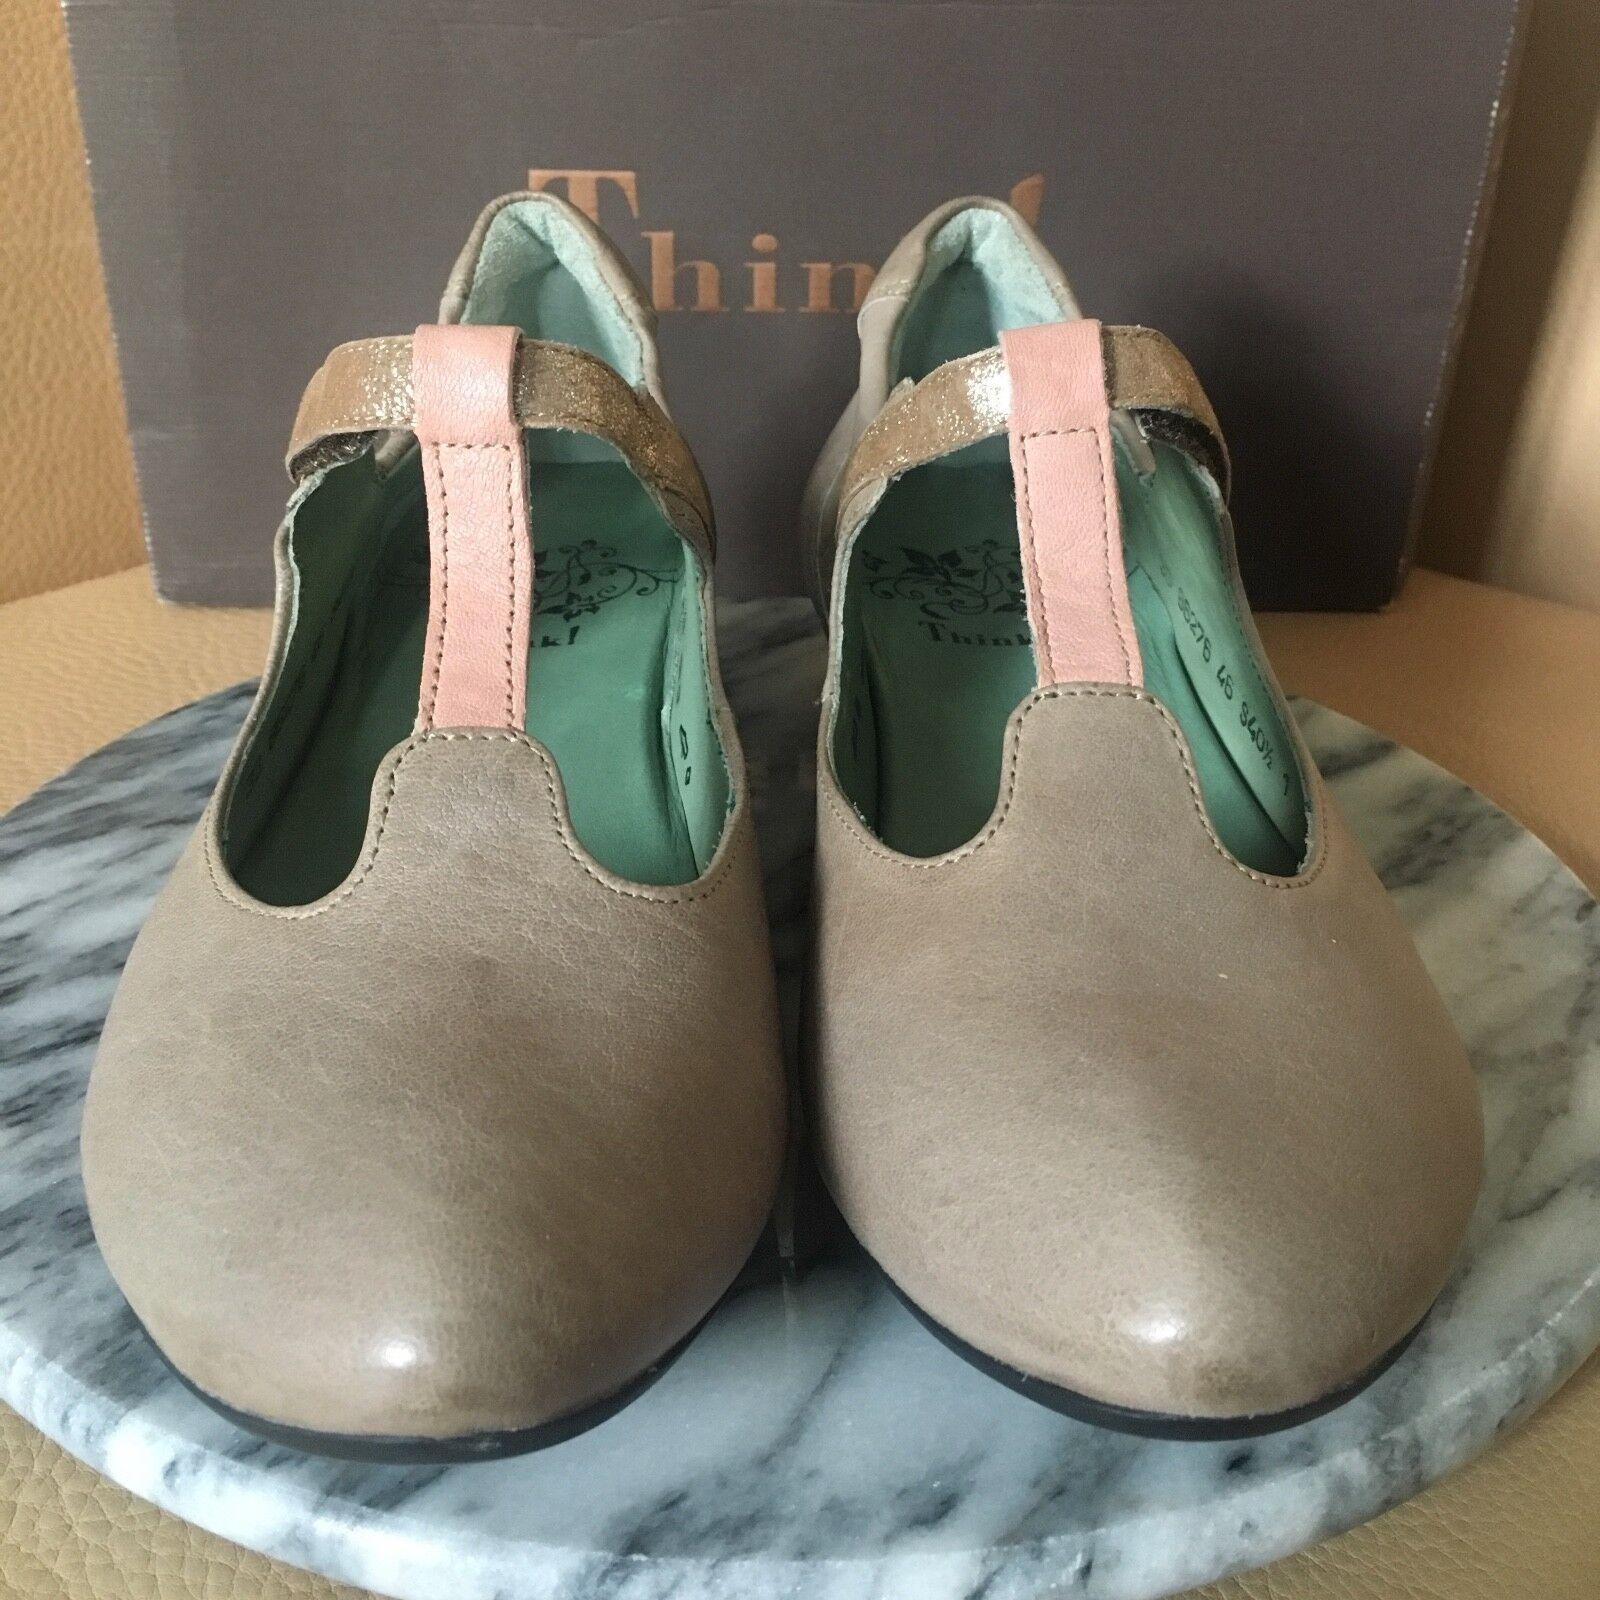 THINK  Schuhe  Fesh  Sling Pumps Sandaletten Riemchen Absatz Leder Grau Gr. 40,5  | Modern Und Elegant In Der Mode